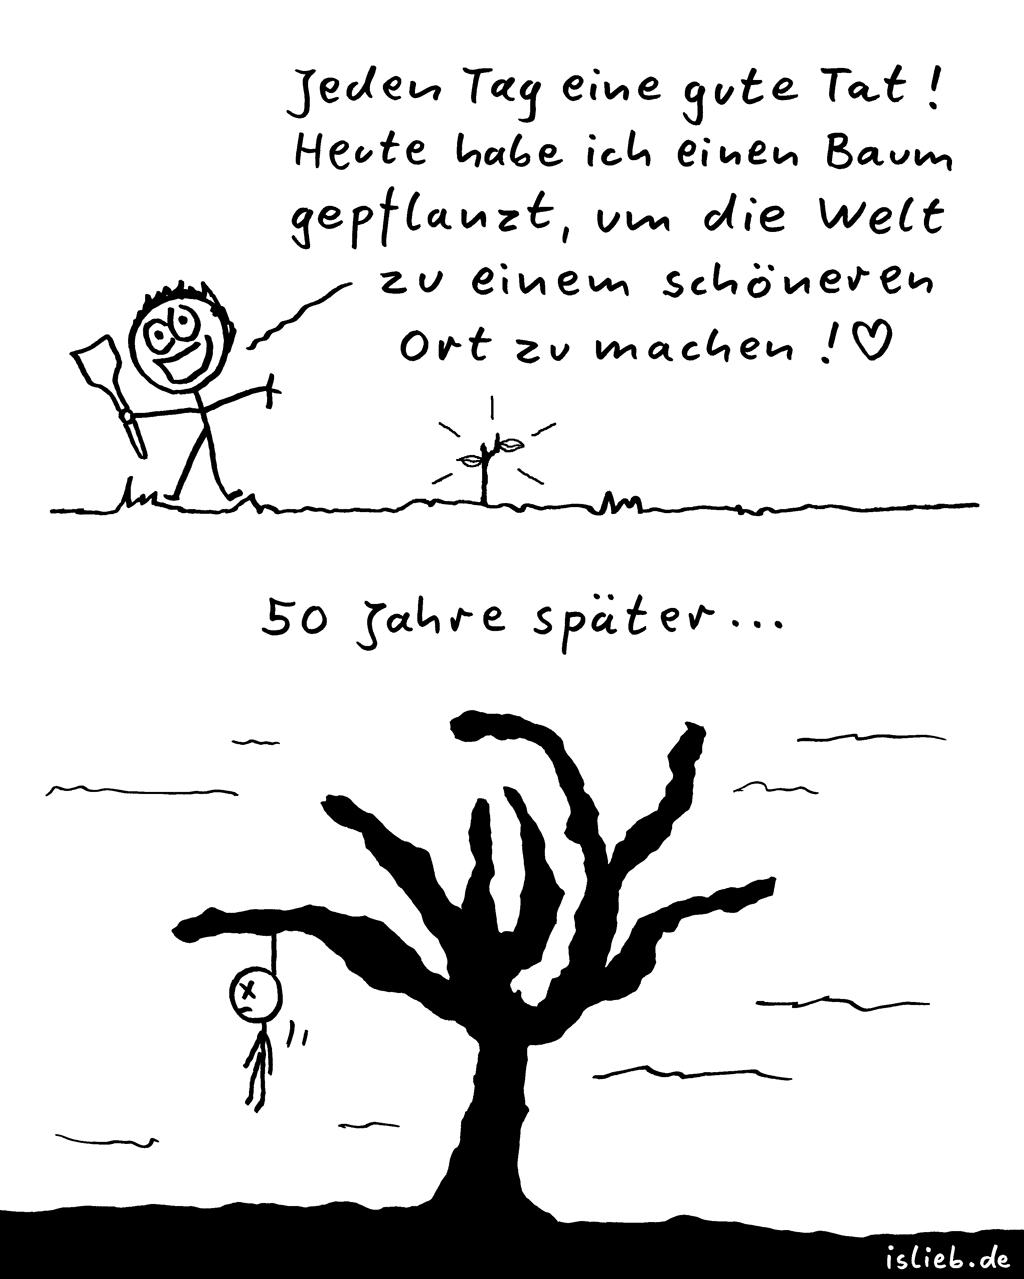 Gut gemeint | Strichmännchen-Comic | is lieb? | Jeden Tag eine gute Tat! Heute habe ich einen Baum gepflanzt, um die Welt zu einem schöneren Ort zu machen! 50 Jahre später | Horror, erhängt, pflanzen, aufgehängt, Selbstmord, Strick, Tod